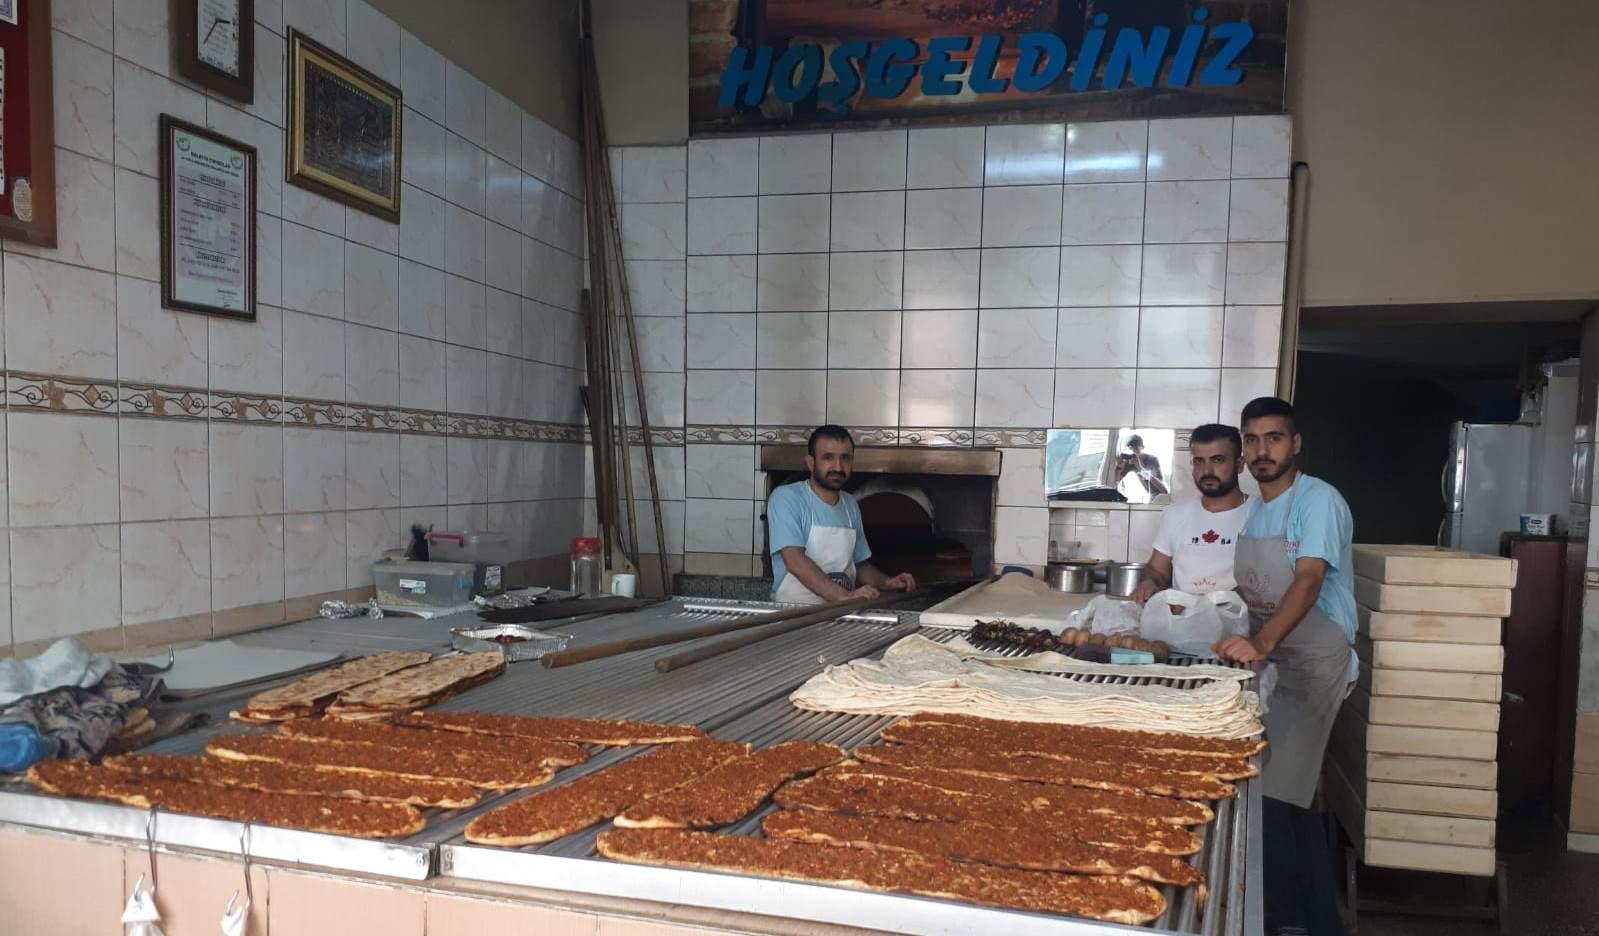 Türkiye'nin En Fedakâr Fırıncıları (Malatya'nın Pide Fırıncıları) (Enver Kalaycıoğlu Yazdı )